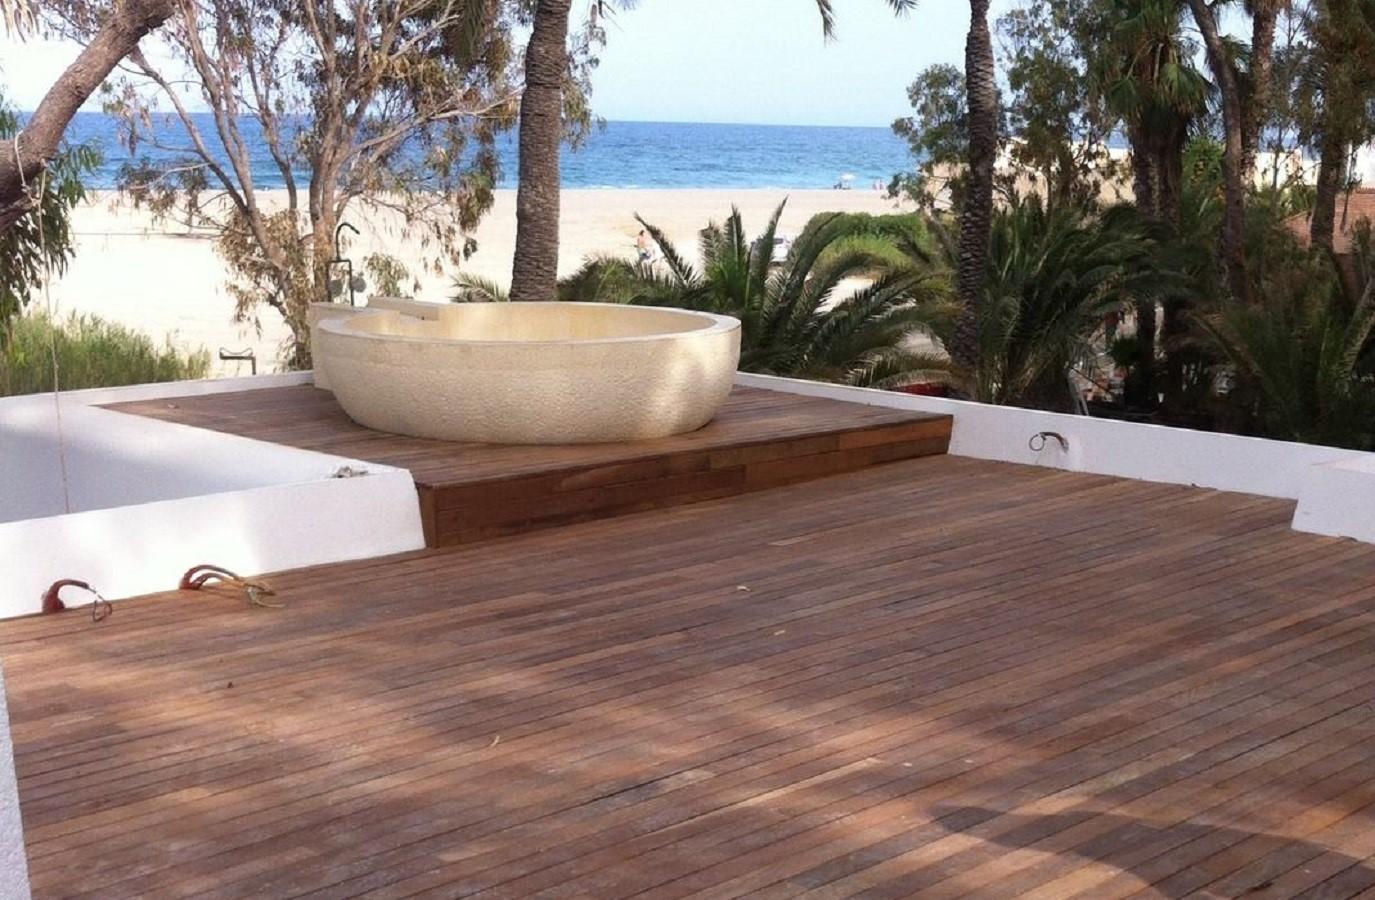 Proyectos Más Madera: Revestimiento con madera de Ipé zona exterior de un hotel en Mojácar (Almería)